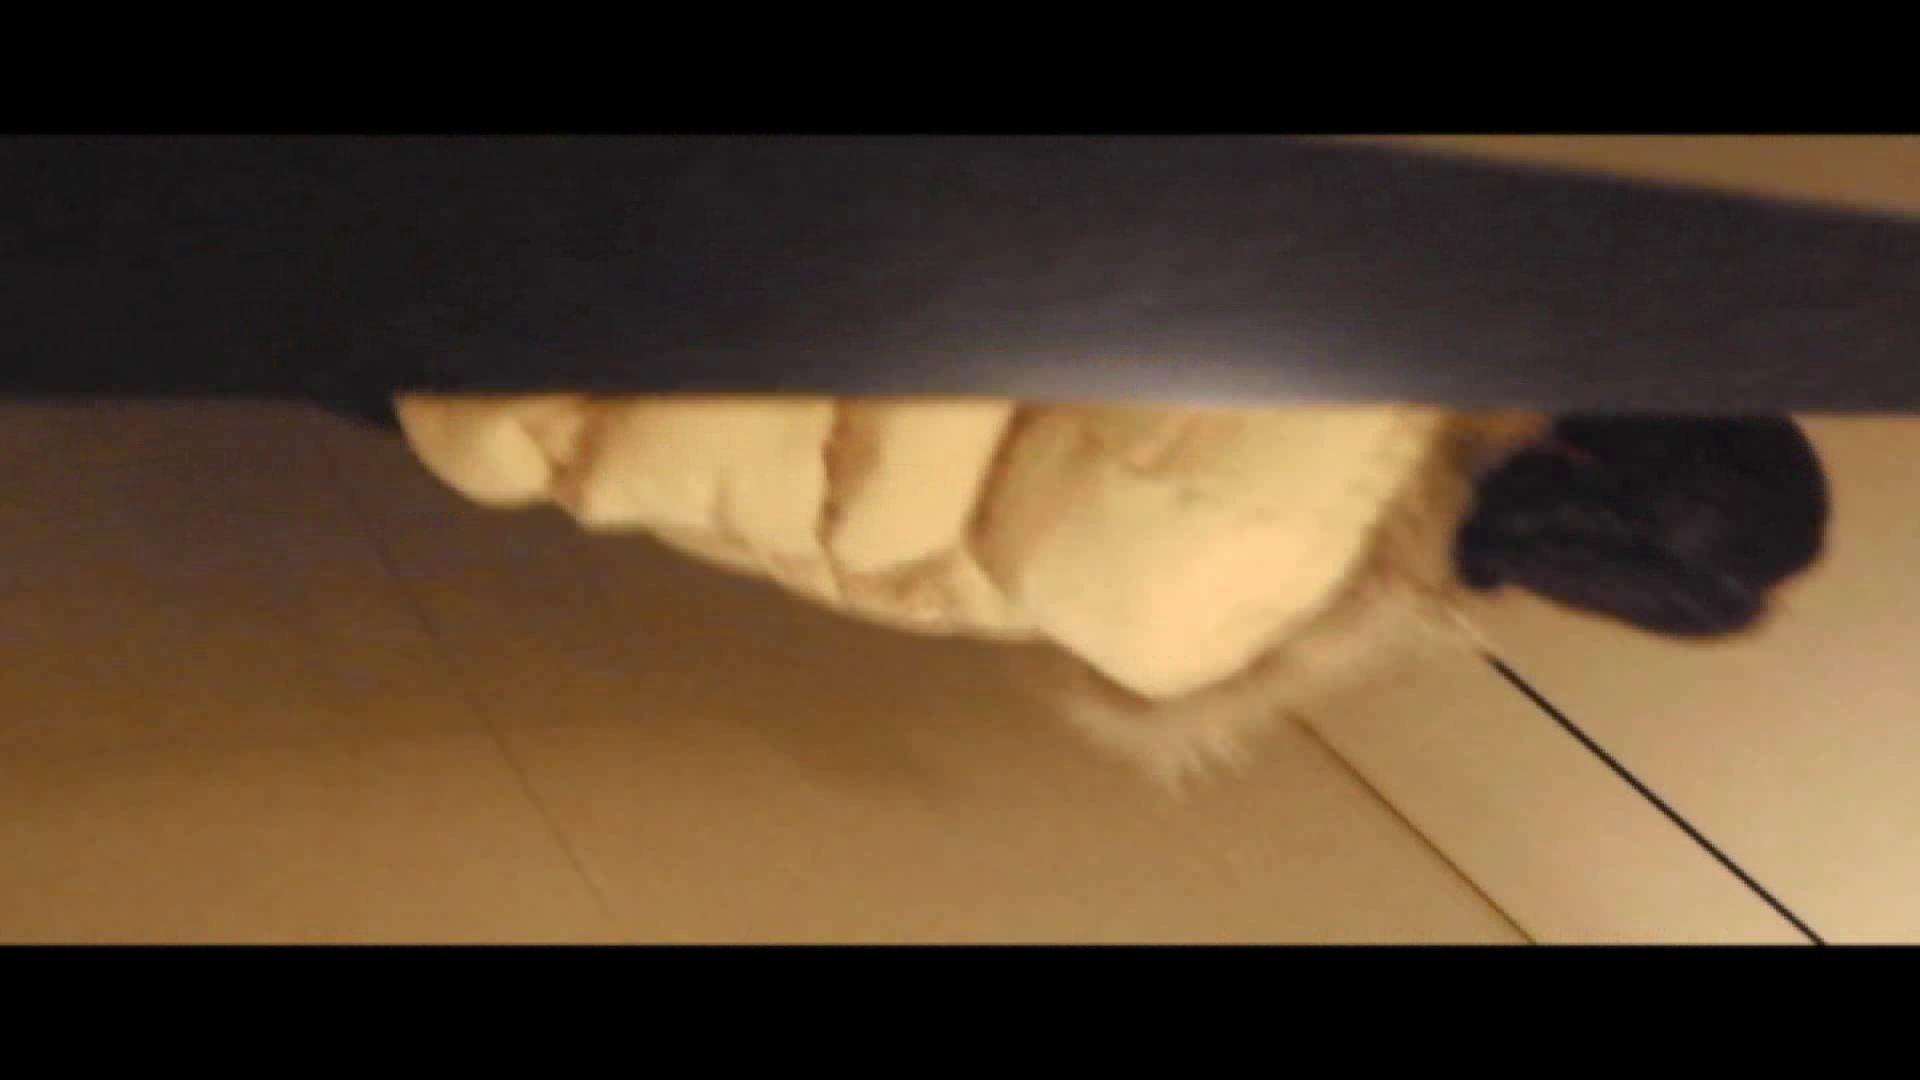 世界の射窓から vol.30 巨乳 すけべAV動画紹介 99枚 98